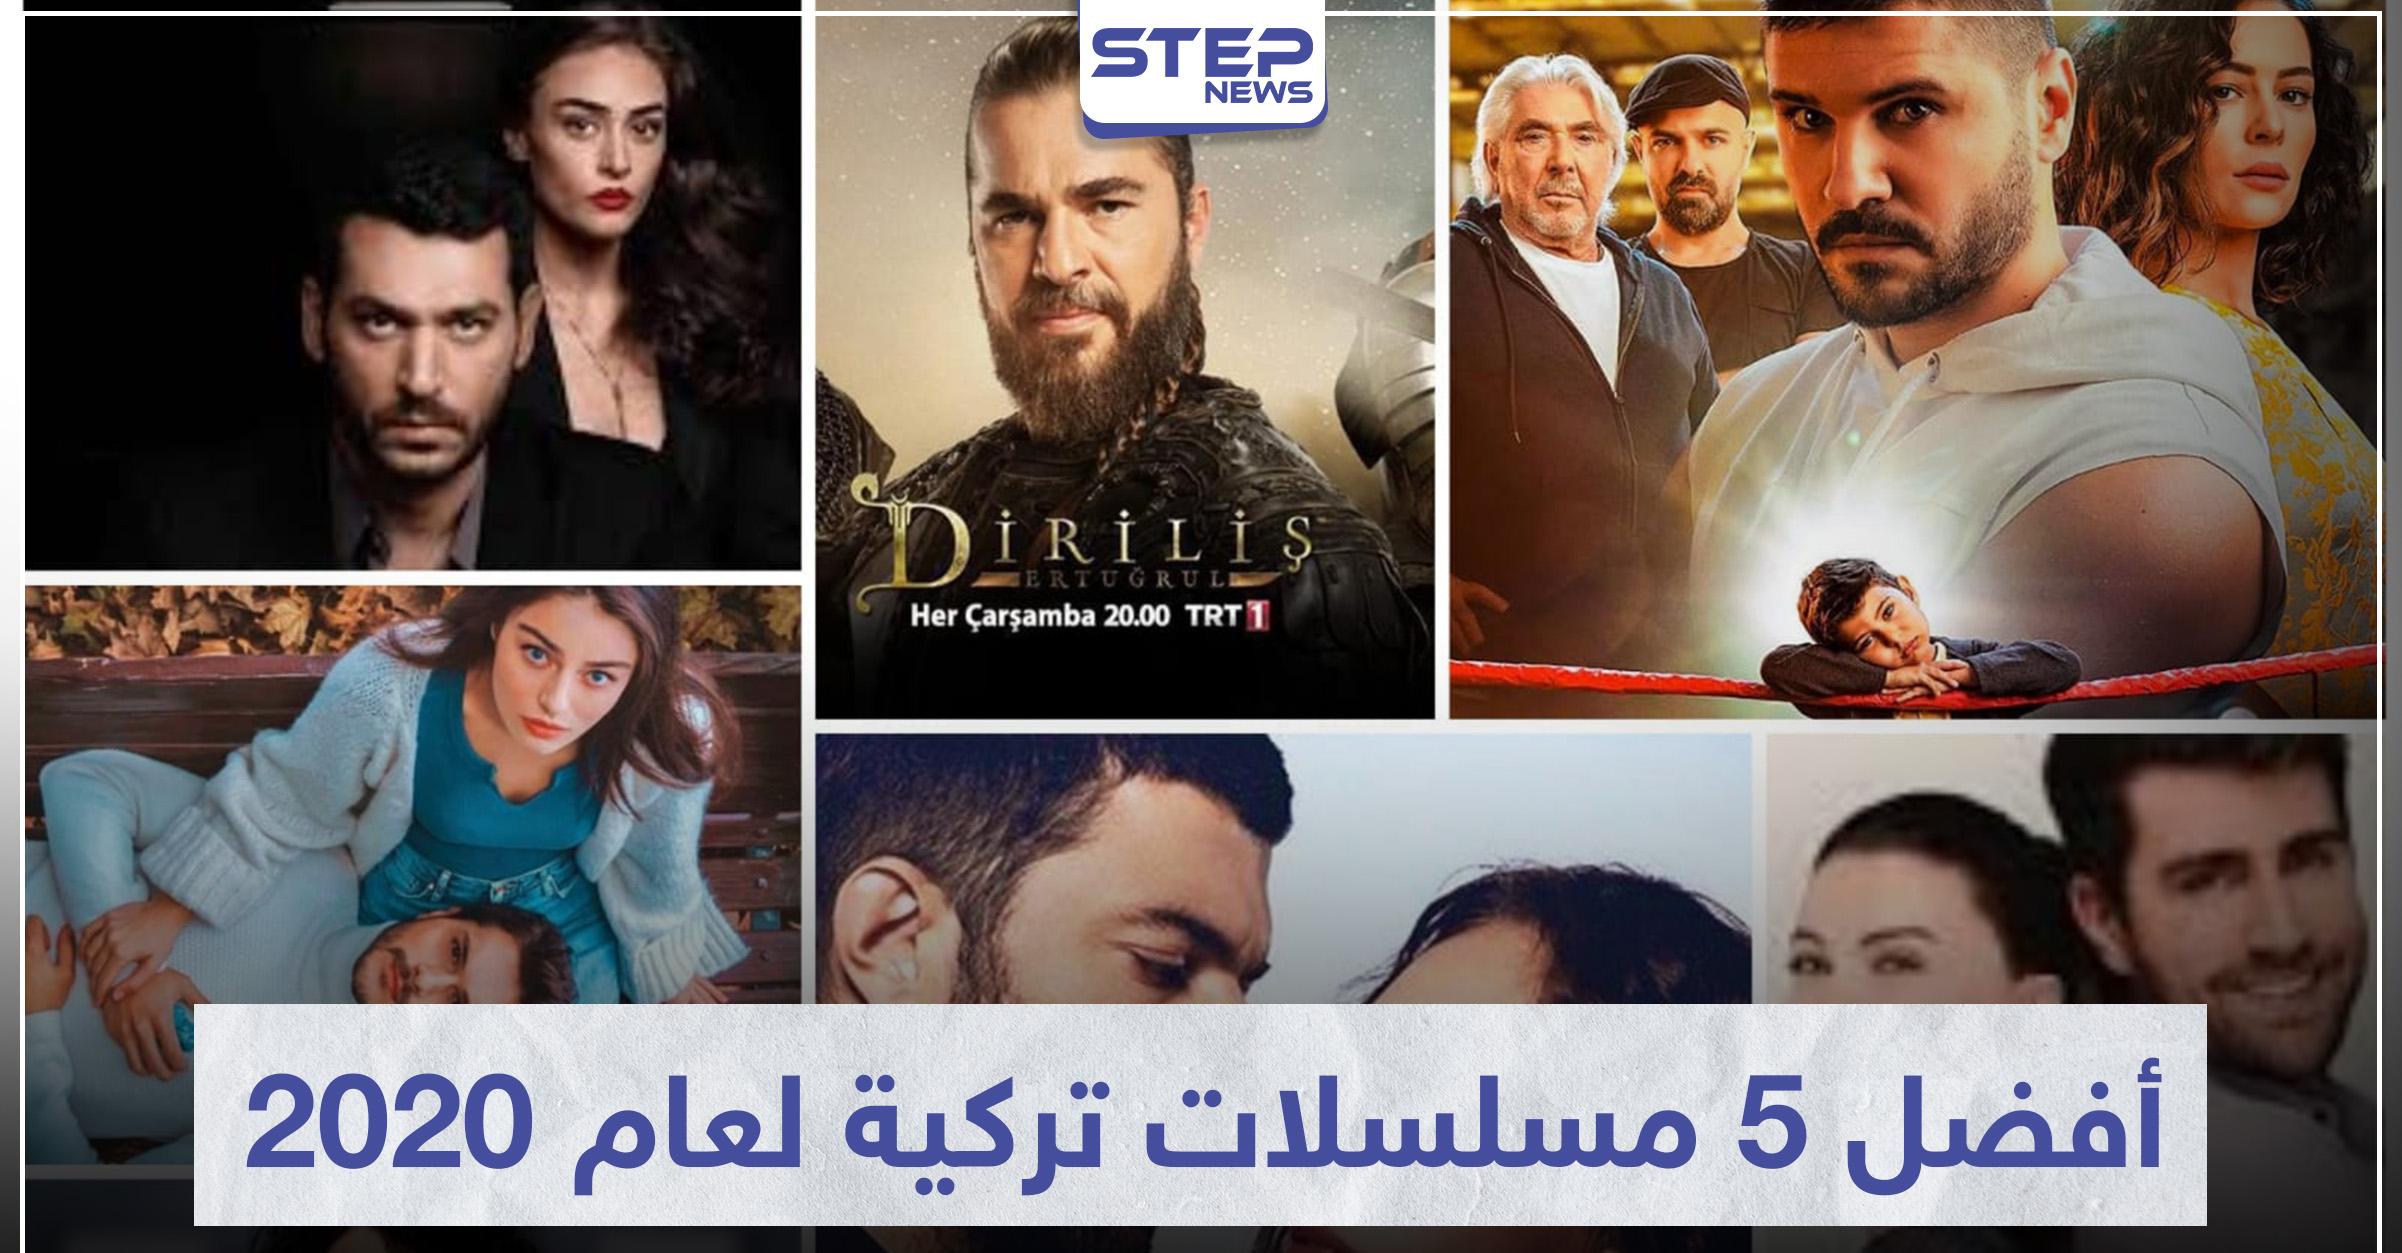 قائمة أفضل 5 مسلسلات تركية لعام 2020 وكالة ستيب الإخبارية